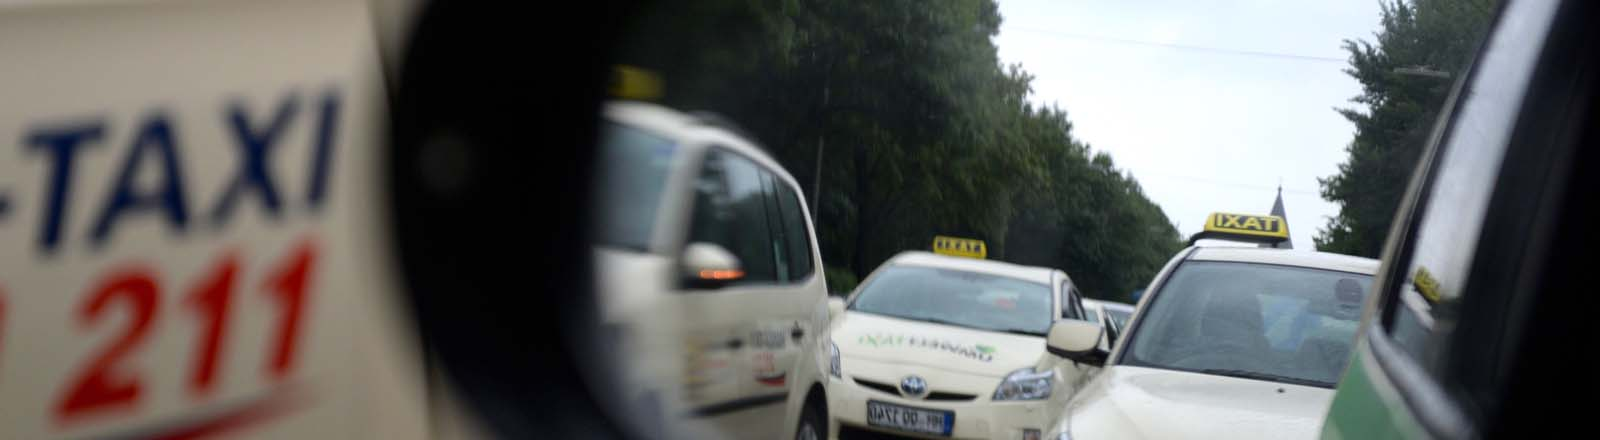 Taxis sind am 11.06.2014 in Hamburg vor einer Protestfahrt durch die Innenstadt im Außenspiegel eines anderen Taxis zu sehen.